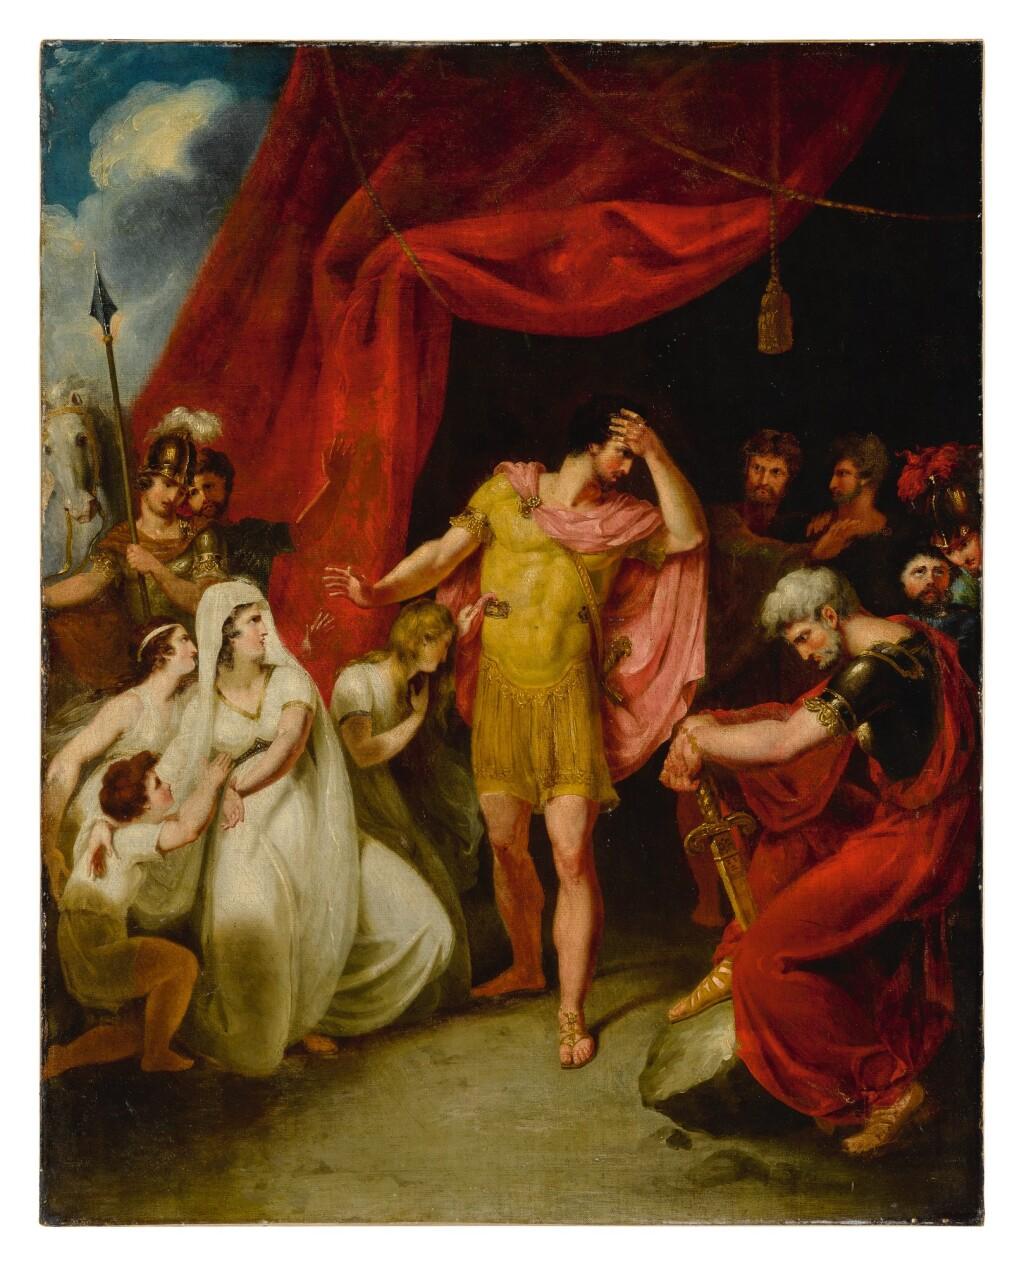 ATTRIBUTED TO WILLIAM HAMILTON, R.A.   CORIOLANUS ACT V, SCENE III